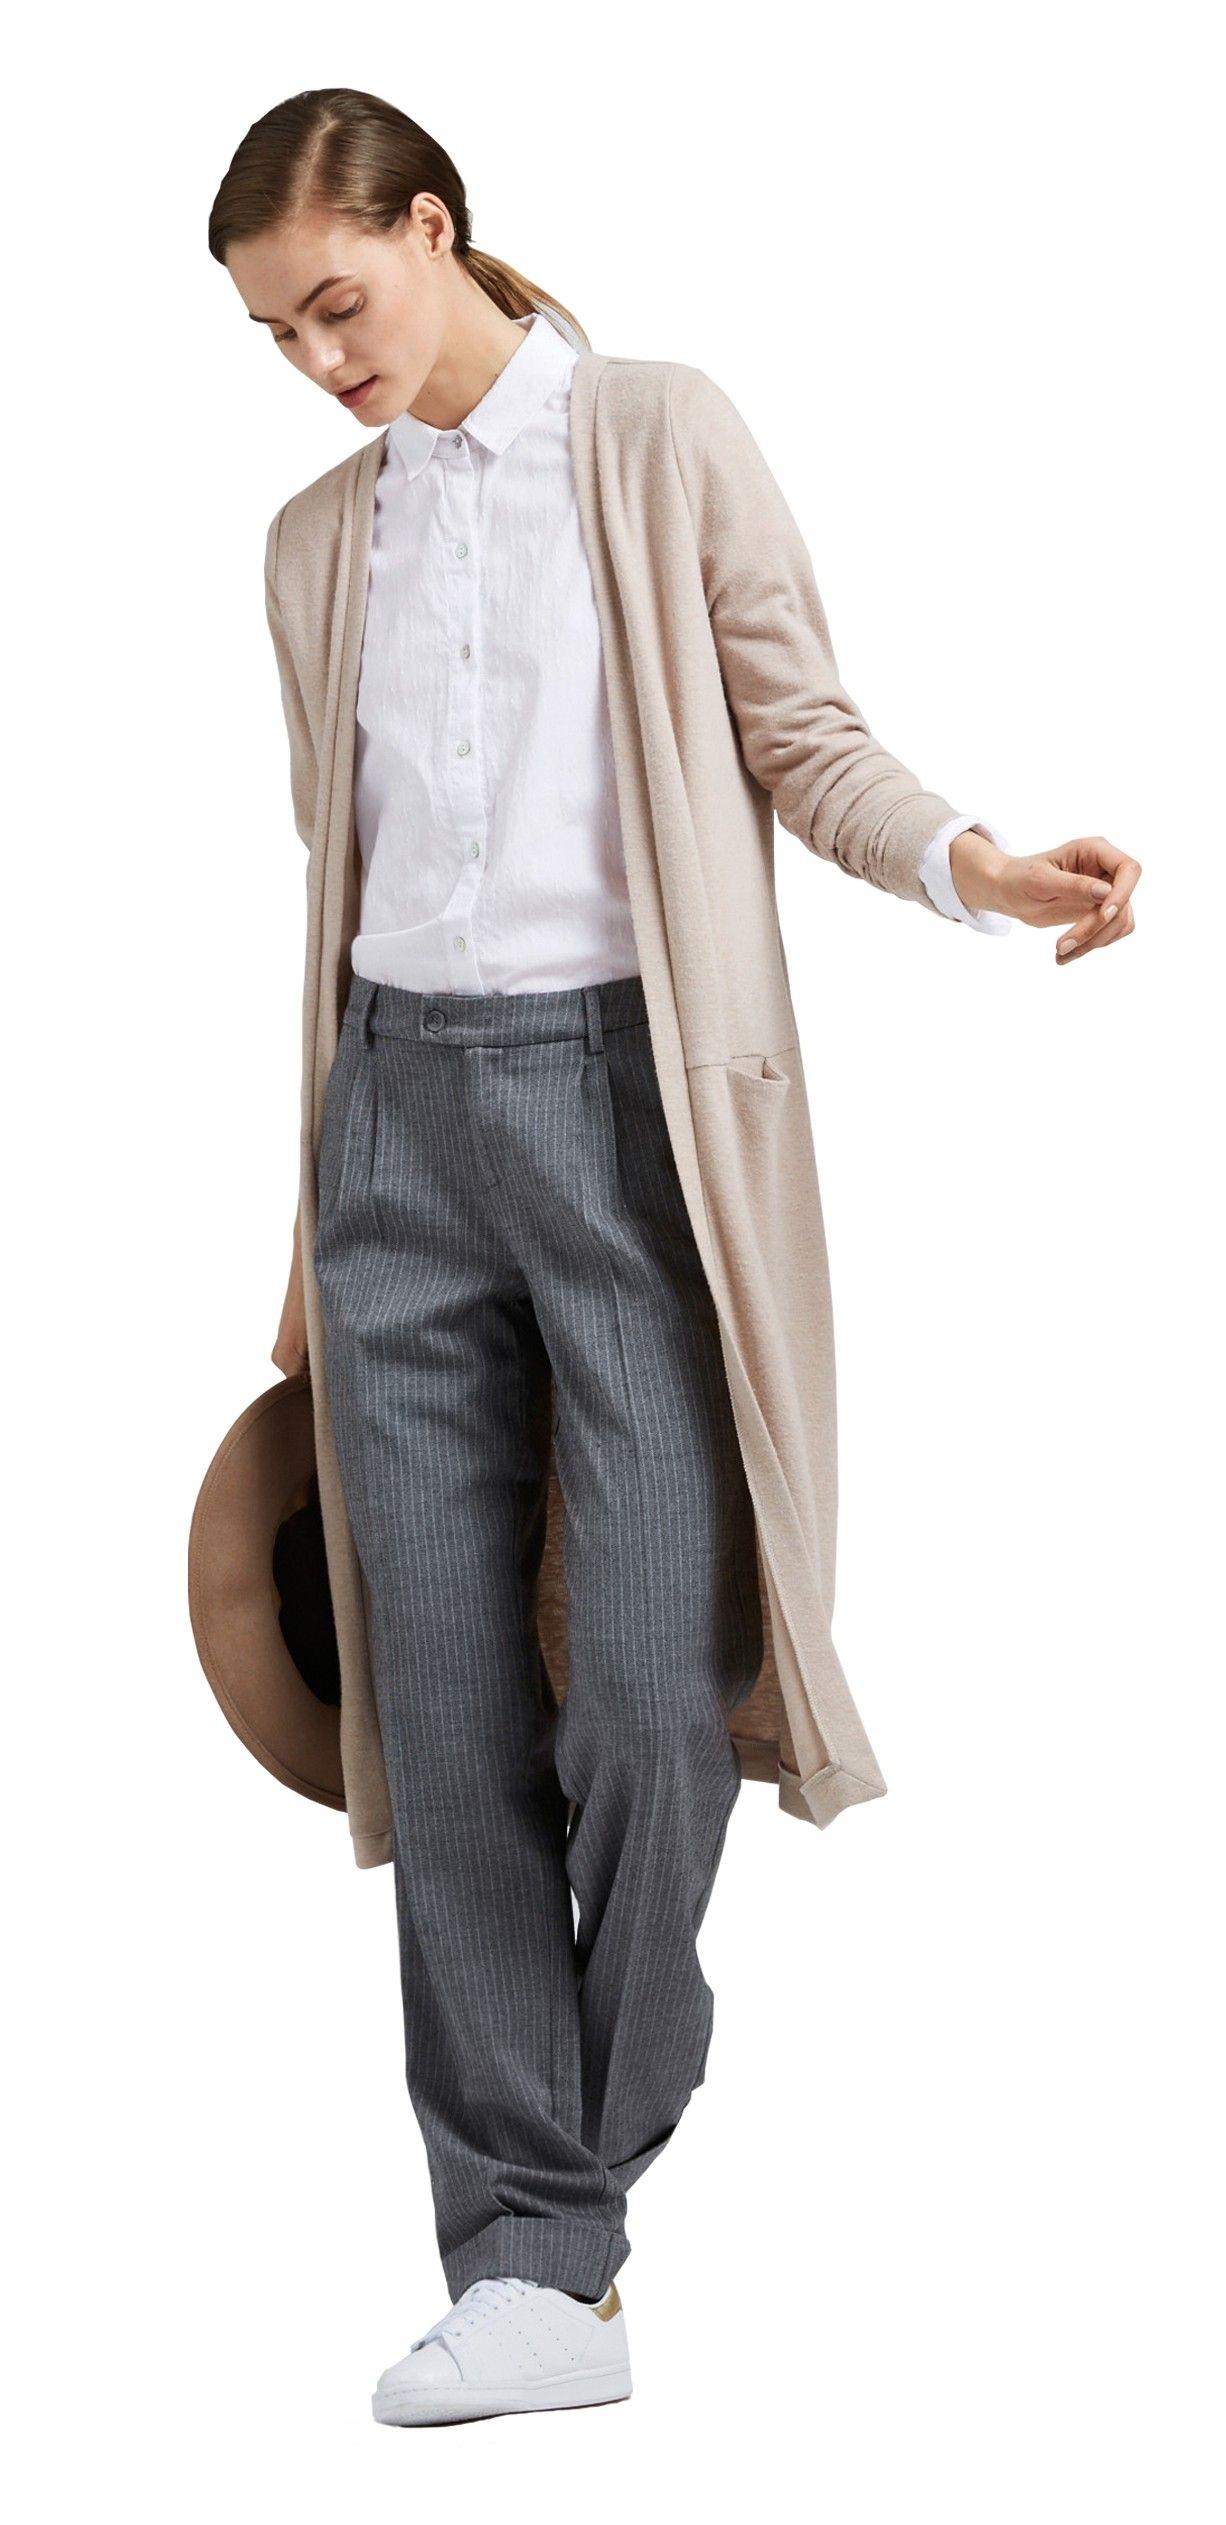 Damen Outfit New Classic Look von OPUS Fashion: weiße ...